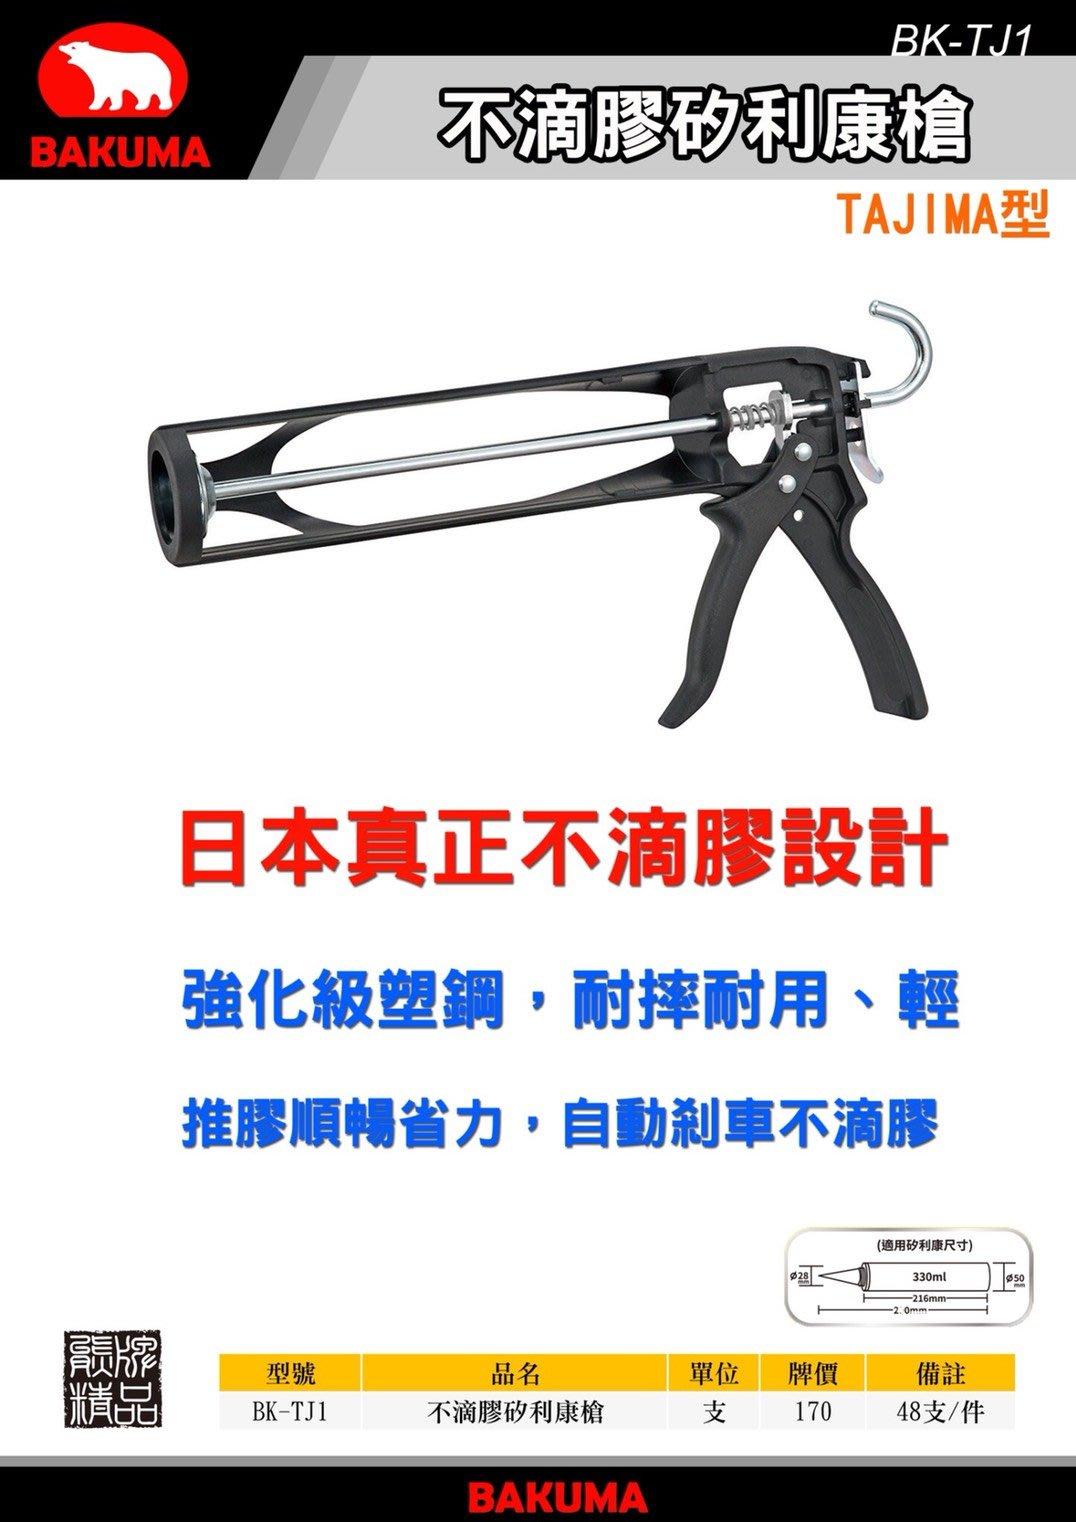 【新宇電動五金行】日系 熊牌 BAKUMA BK-TJ1 高品質 塑鋼 不滴膠 矽利康槍 !(特價)